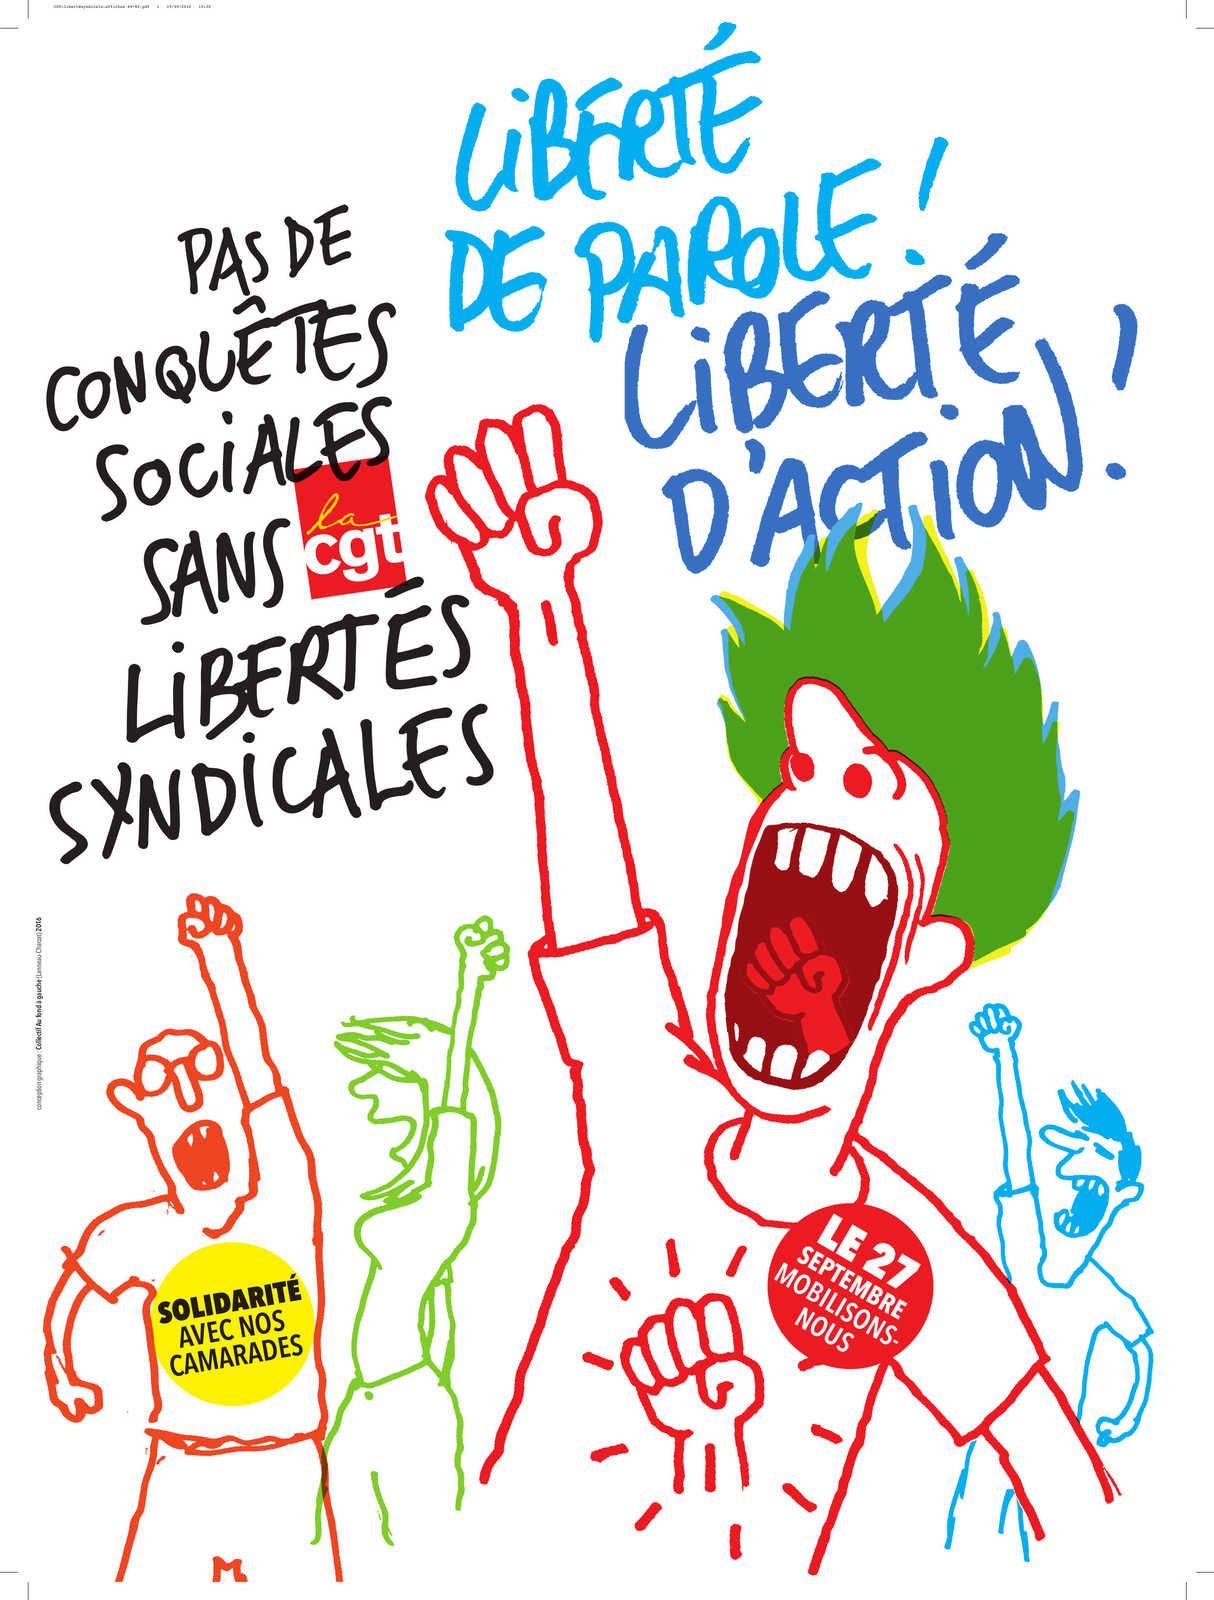 Le 27 septembre : Journée de mobilisation pour le respect des libertés syndicales!